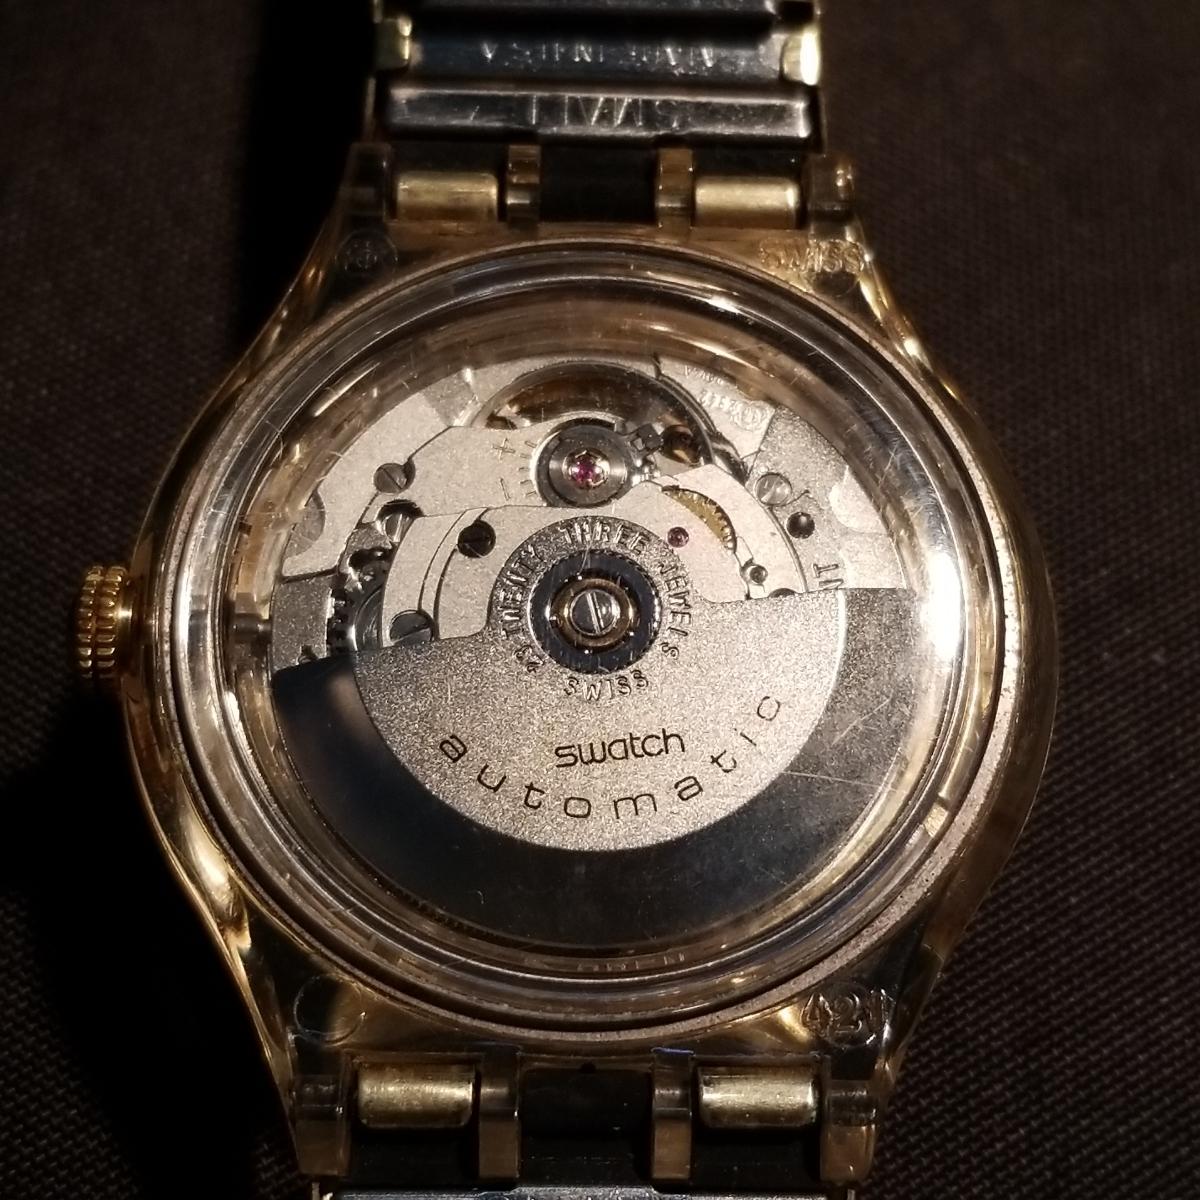 スオッチ、自動巻きSwatch。スケルトンの稼働品。_画像2